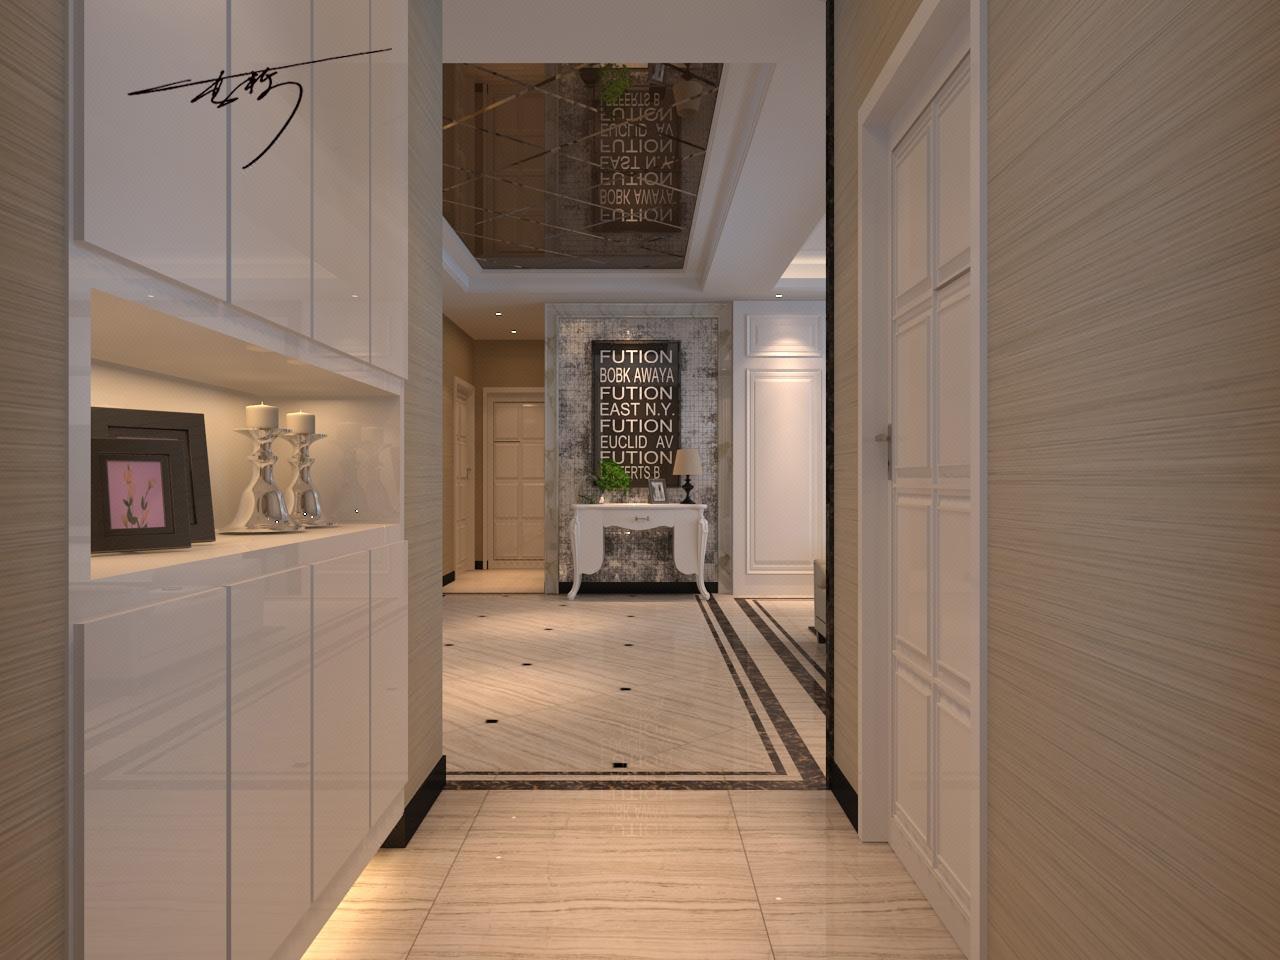 【李栋】室内设计家装效果图自建房设计装修别墅新房全屋定制软装